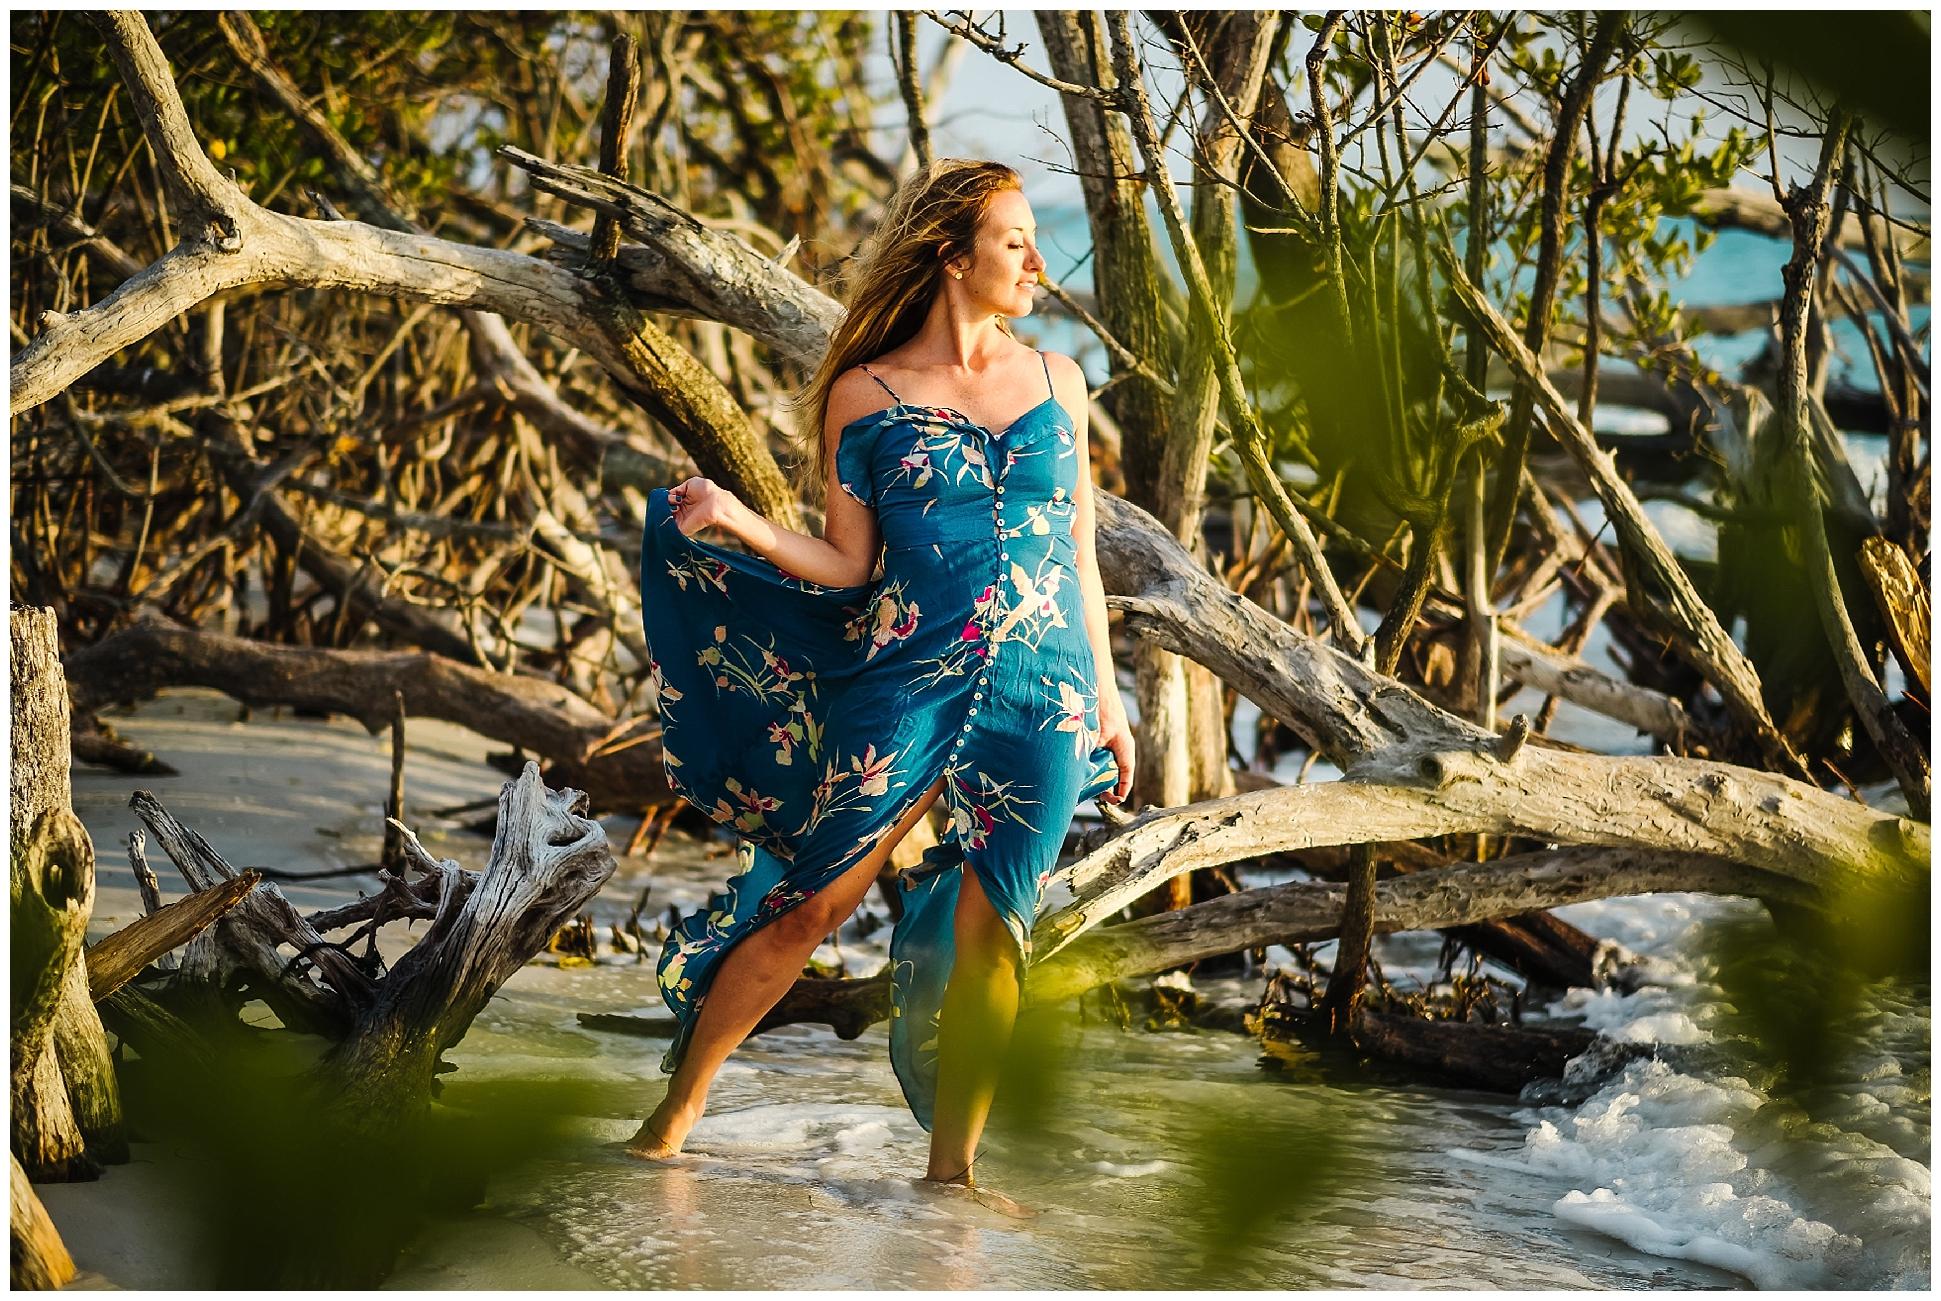 thai-caroline-yoga-long-boat-key-mermaid_7.jpg